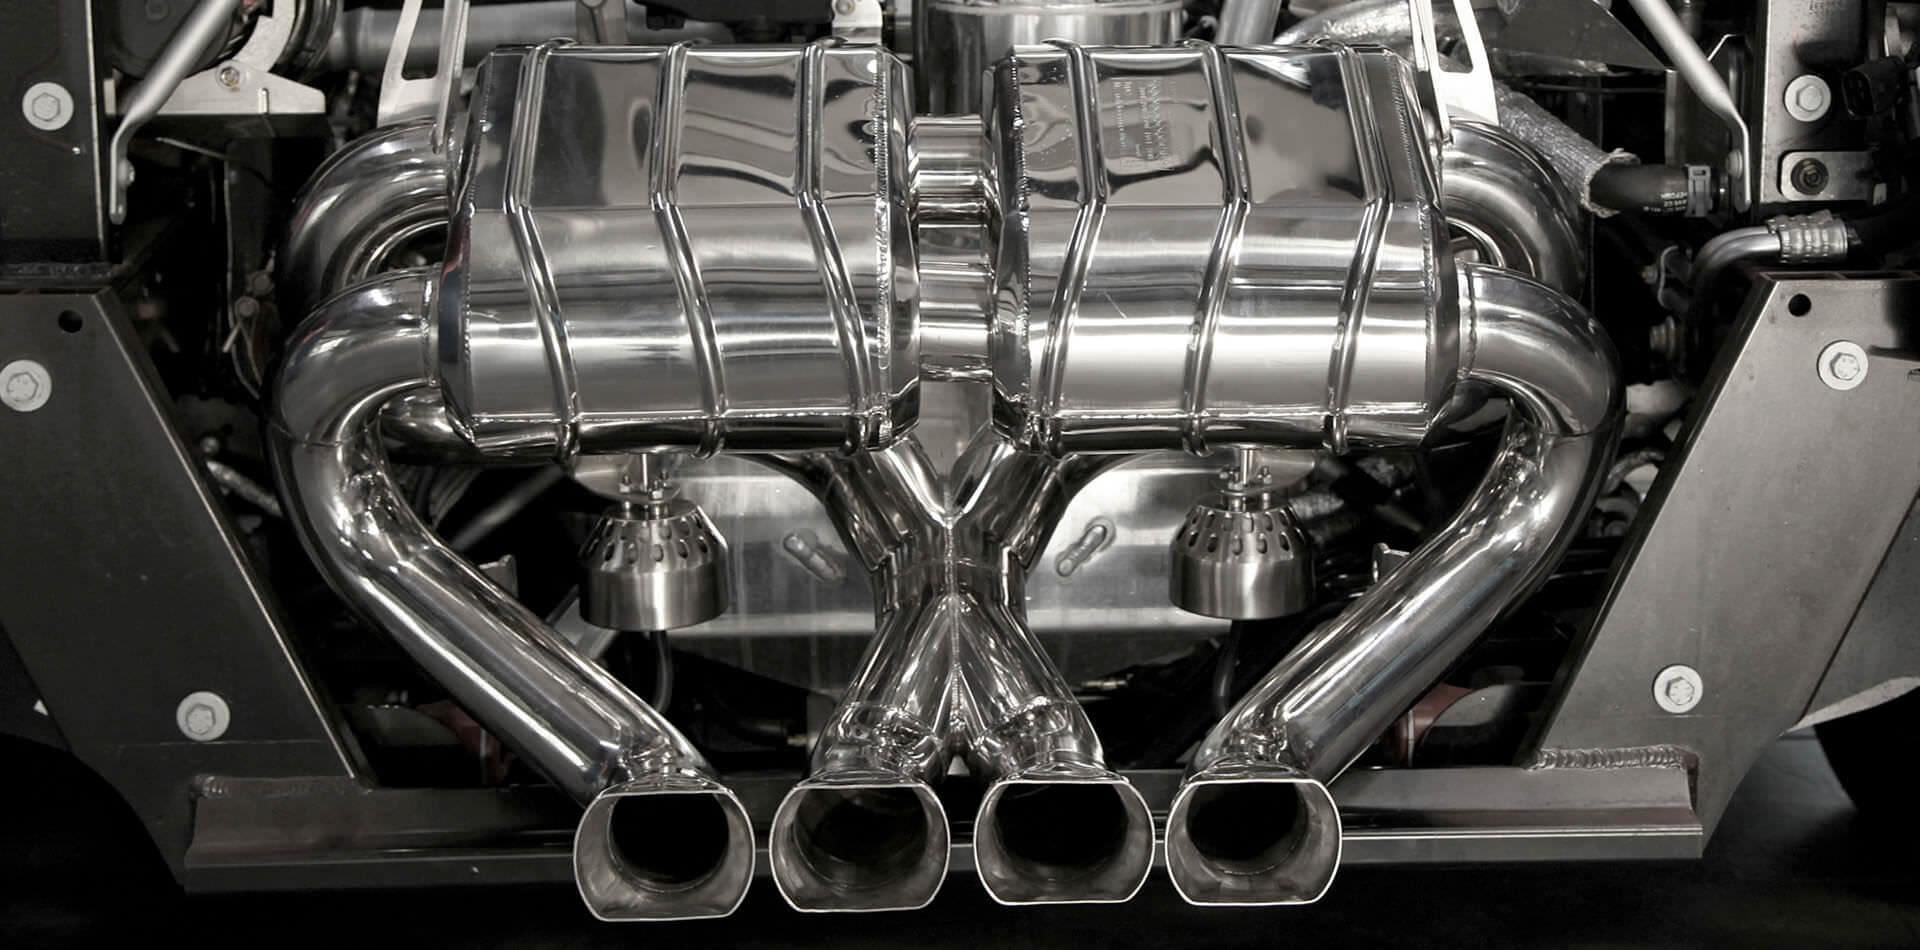 AUSPUFFANLAGE mit Klappensteuerung Lamborghini AVENTADOR LP 750-4 SV